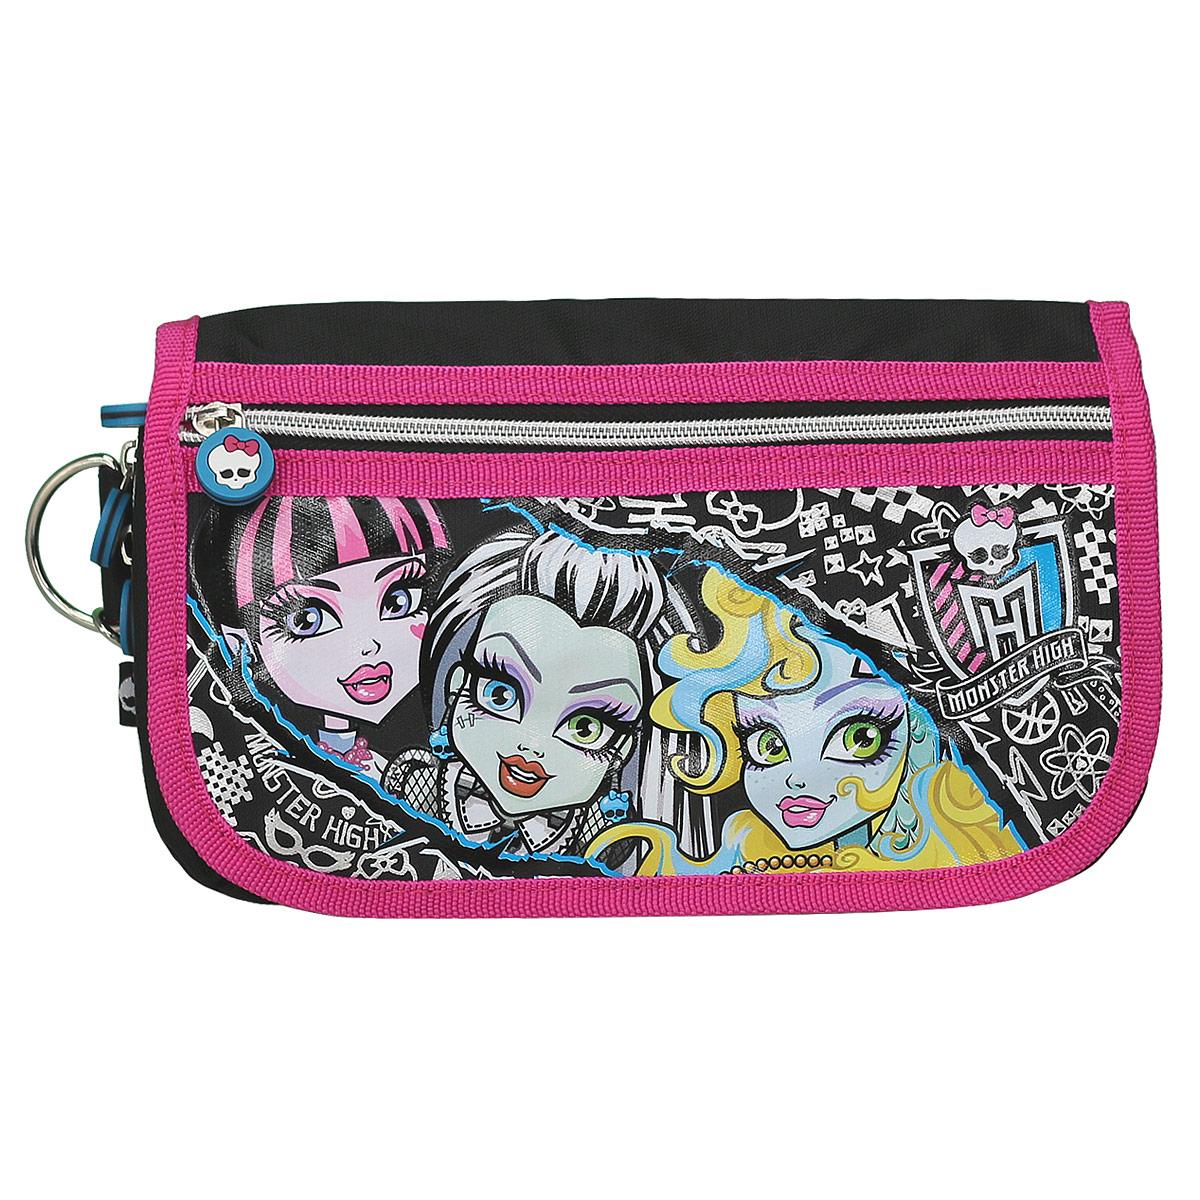 Сумочка детская Monster High. MHAA-UT1-9487MHAA-UT1-9487Стильная детская сумочка Monster High, оформленная изображением героинь известного мультсериала Школа Монстров, станет оригинальным и неповторимым дополнением к современному наряду юной модницы. Главный тренд этого года - это стильный клатч. Одно из основных достоинств этих маленьких сумочек - их универсальностьУ клатча одно главное отделение на молнии. У задней и передней стенок сумки имеются карманы, открытый и на молнии. Все отделения закрываются клапаном, фиксирующимся клепкой. Дополнительный внешний карман на клапане отлично подойдет для хранения документов и мелких предметов. Данная модель носится в руке или через плечо. Лямка свободно отстегивается с помощью карабинов и регулируется по длине, обеспечивая максимальный комфорт.Окантовка сумки выполнена плотного полиэстера. Бегунки молнии декорированы резиновыми элементами в виде черепа.Каждая поклонница Школы Монстров будет в восторге от такого аксессуара!